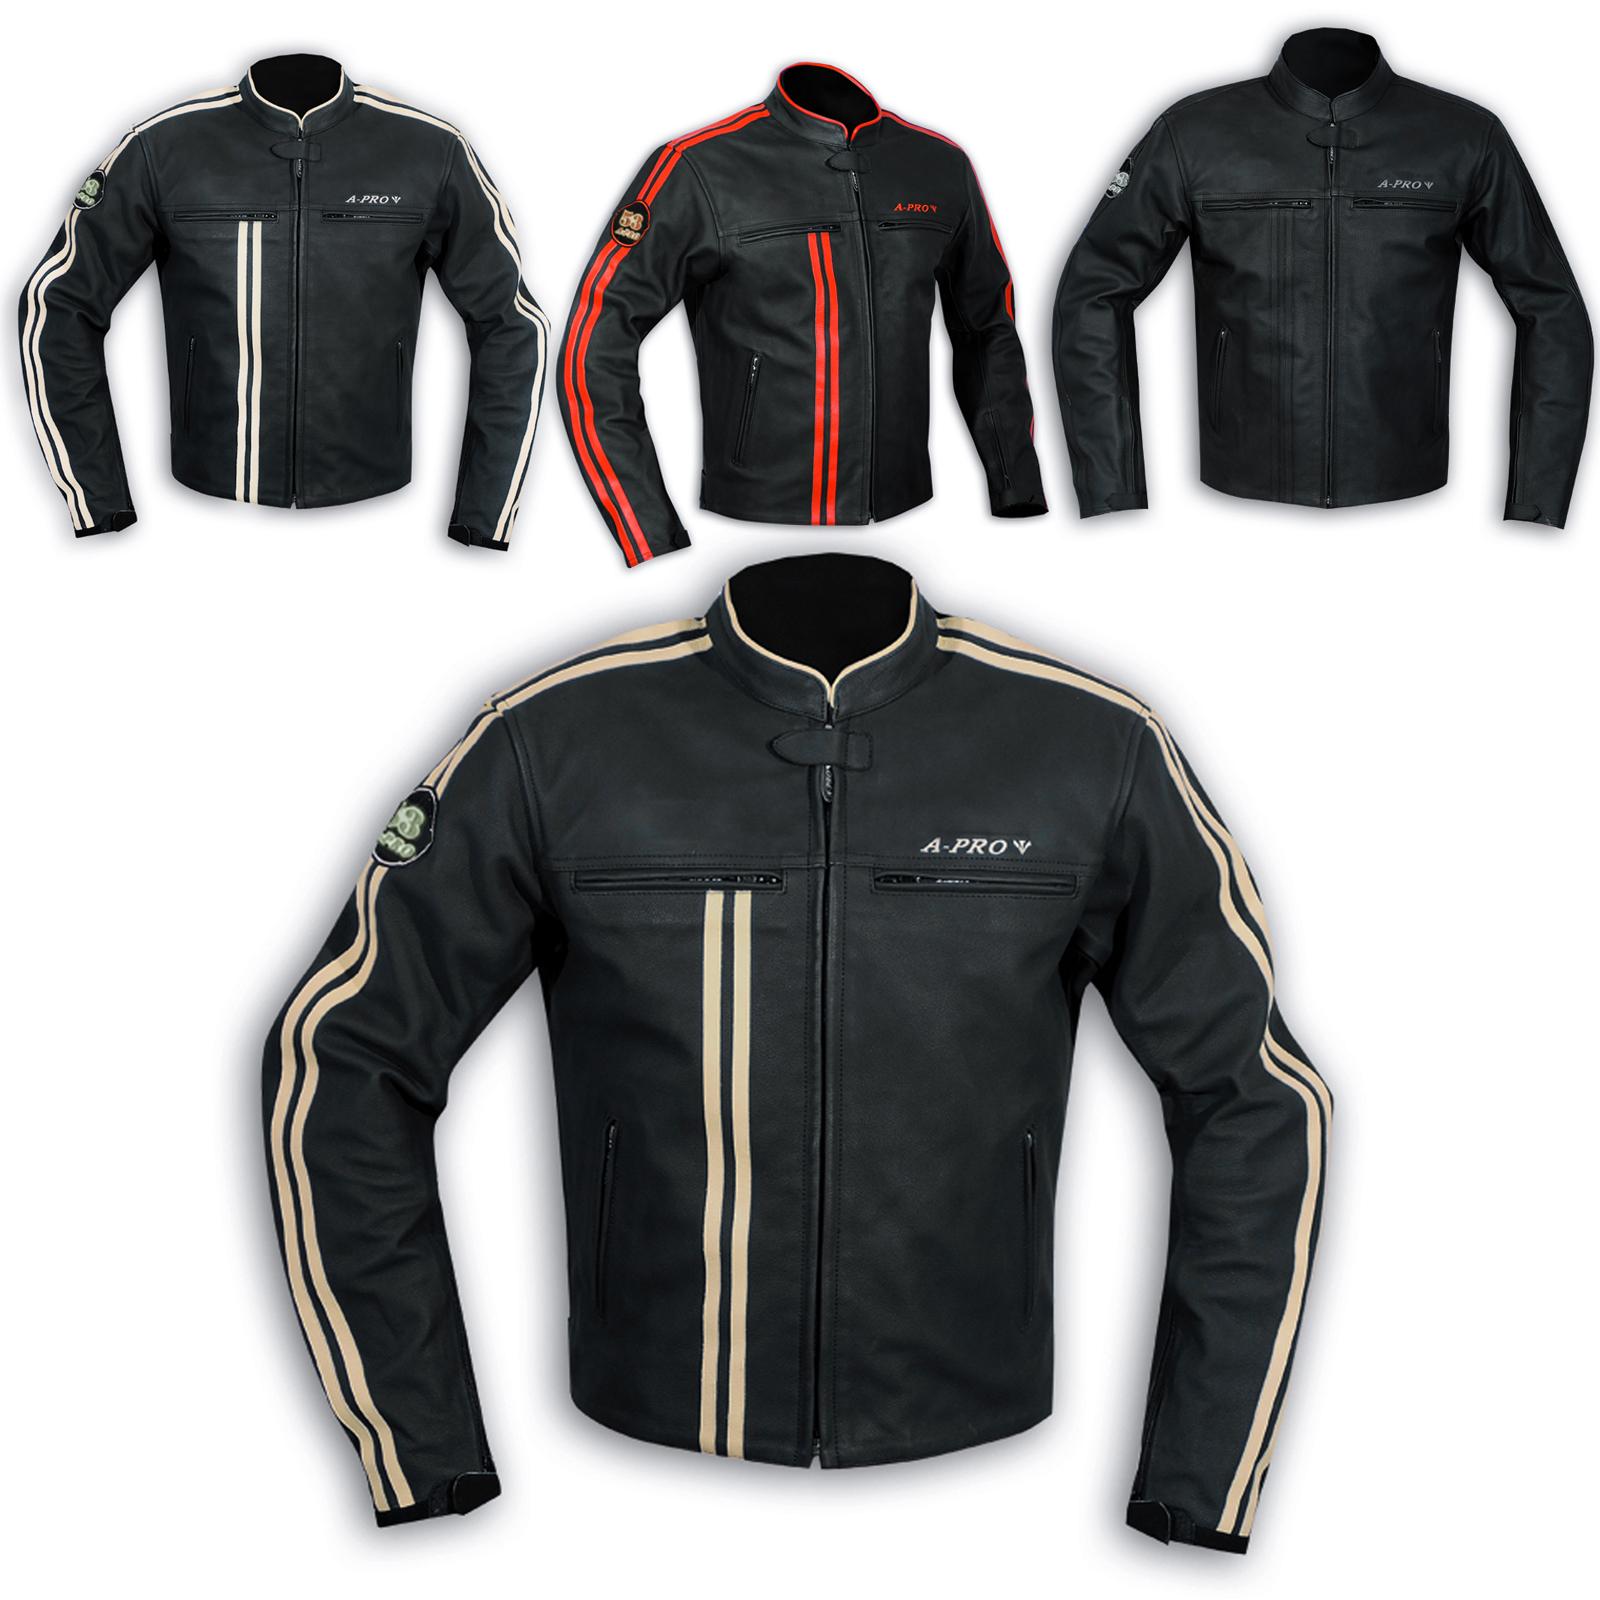 blouson cuir homme motard moto protections ce veste doublure thermique ebay. Black Bedroom Furniture Sets. Home Design Ideas